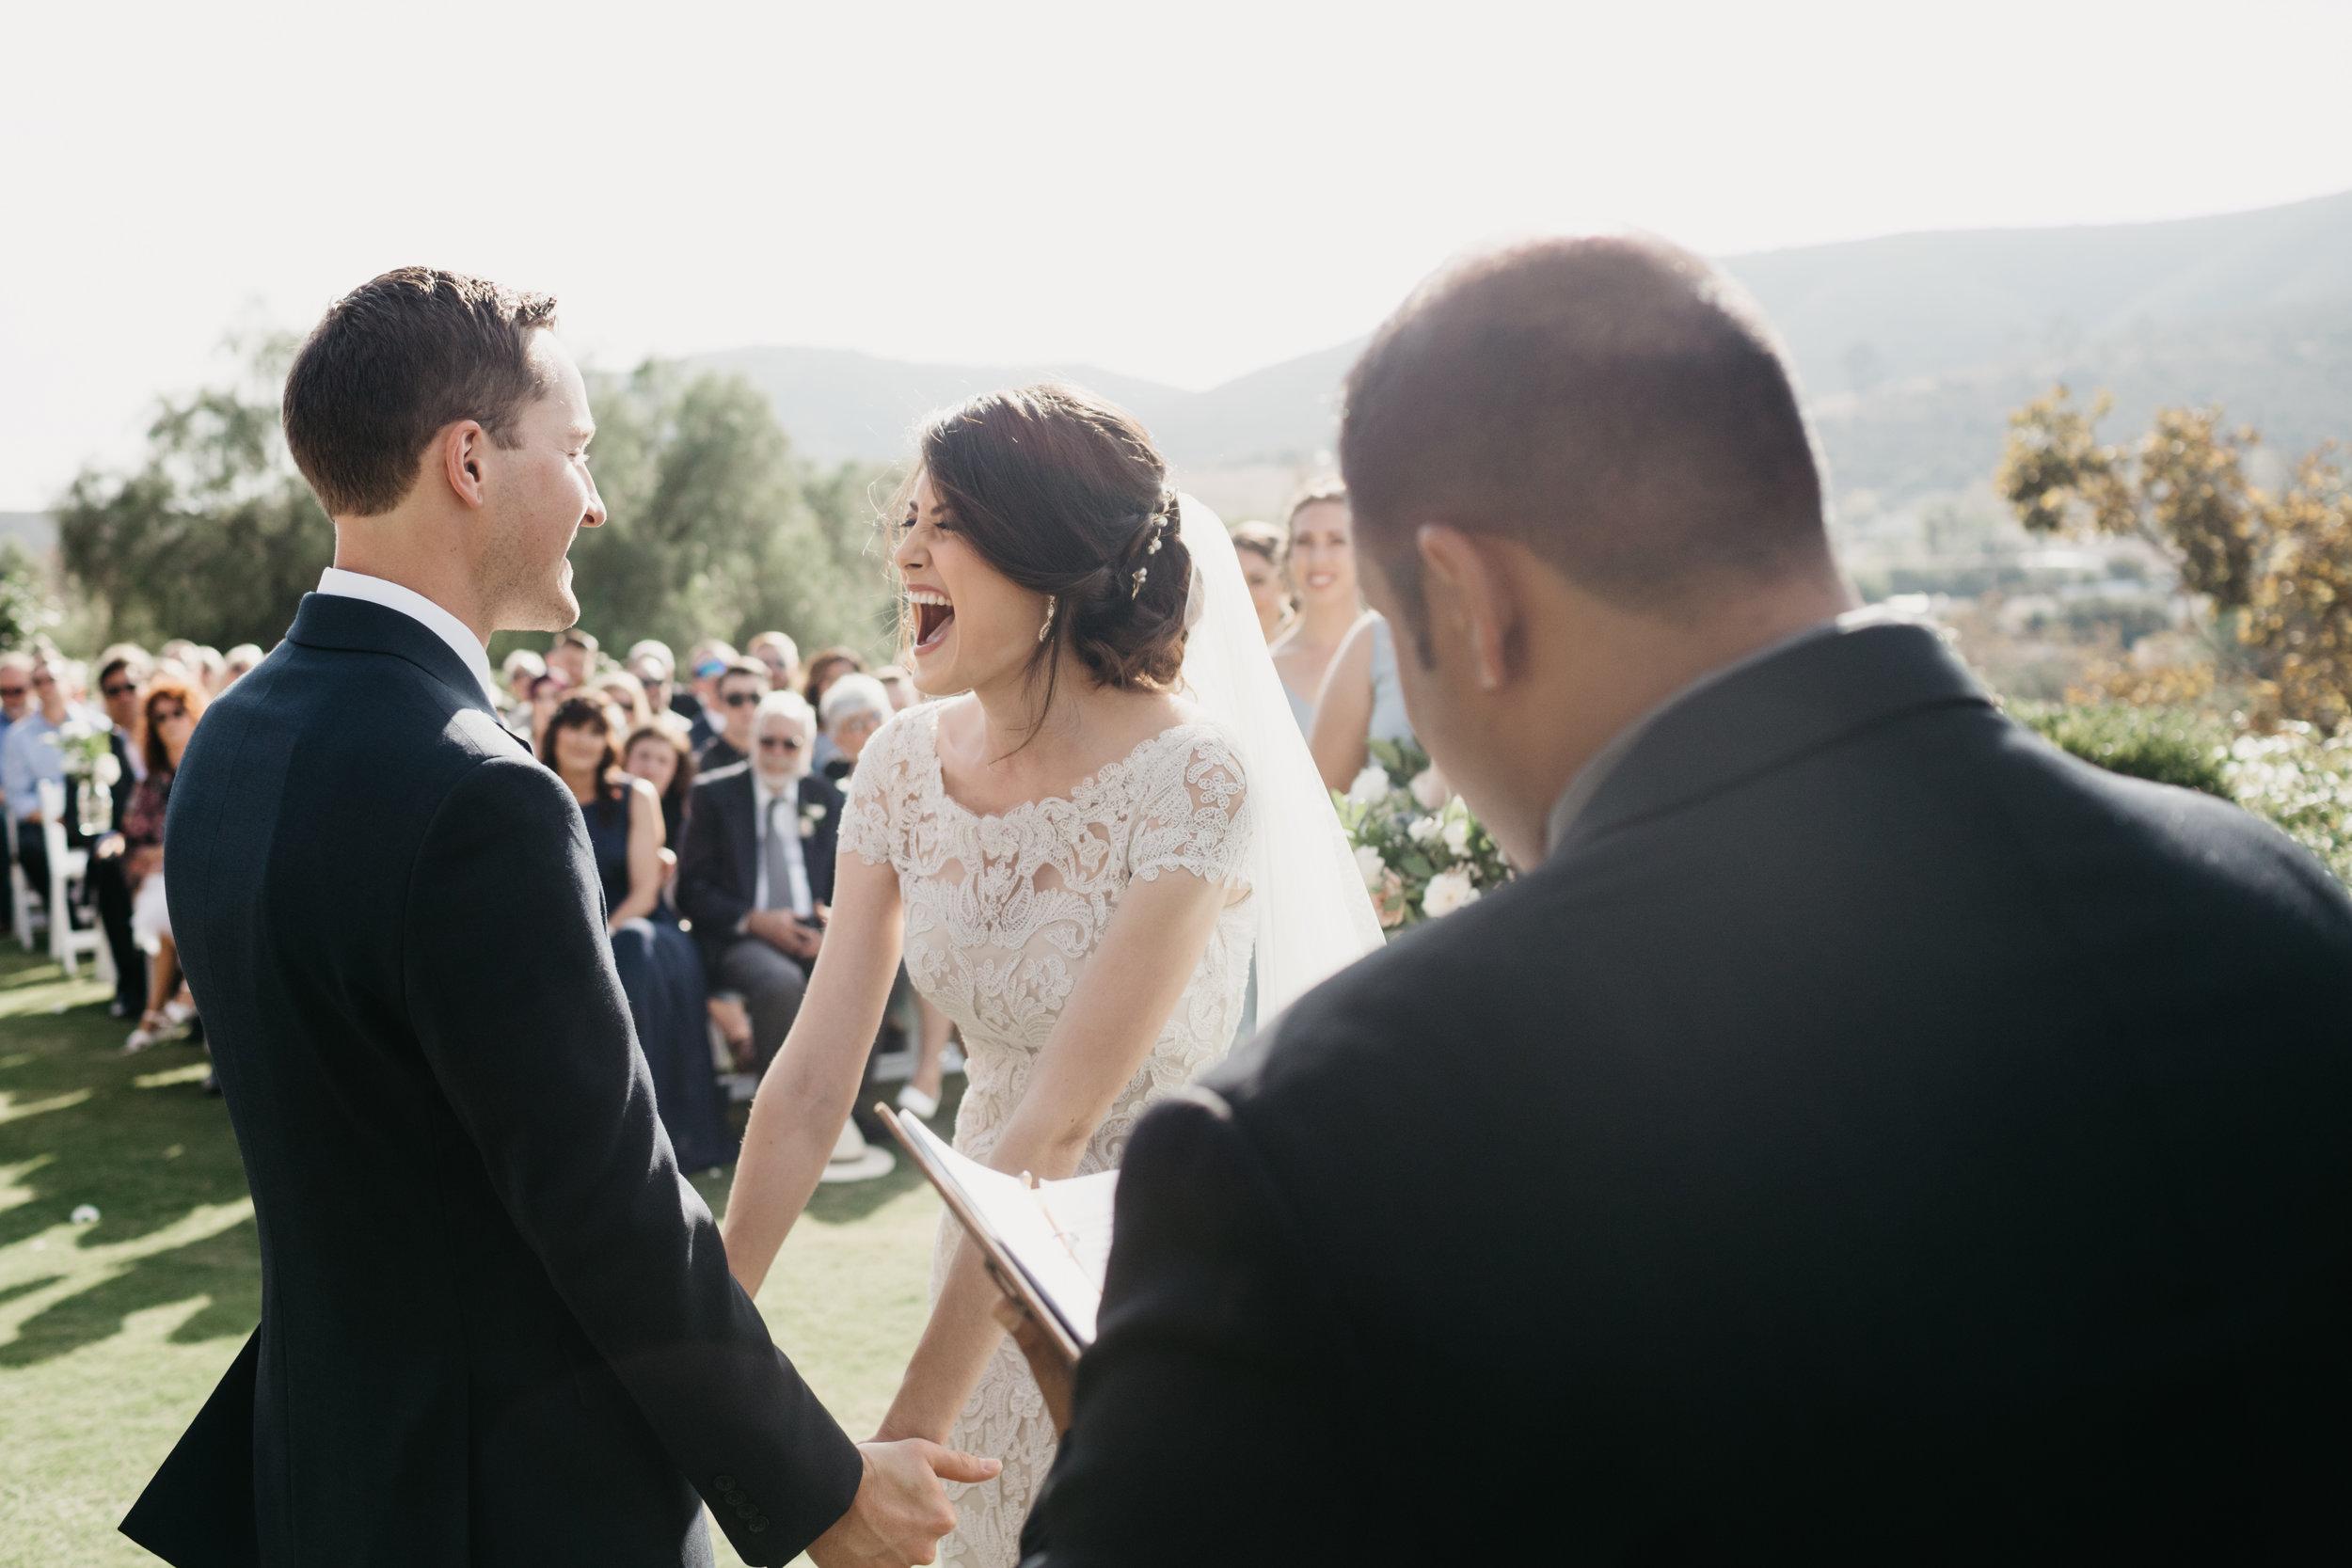 Sep.-Ungersma Wedding-1066.jpg